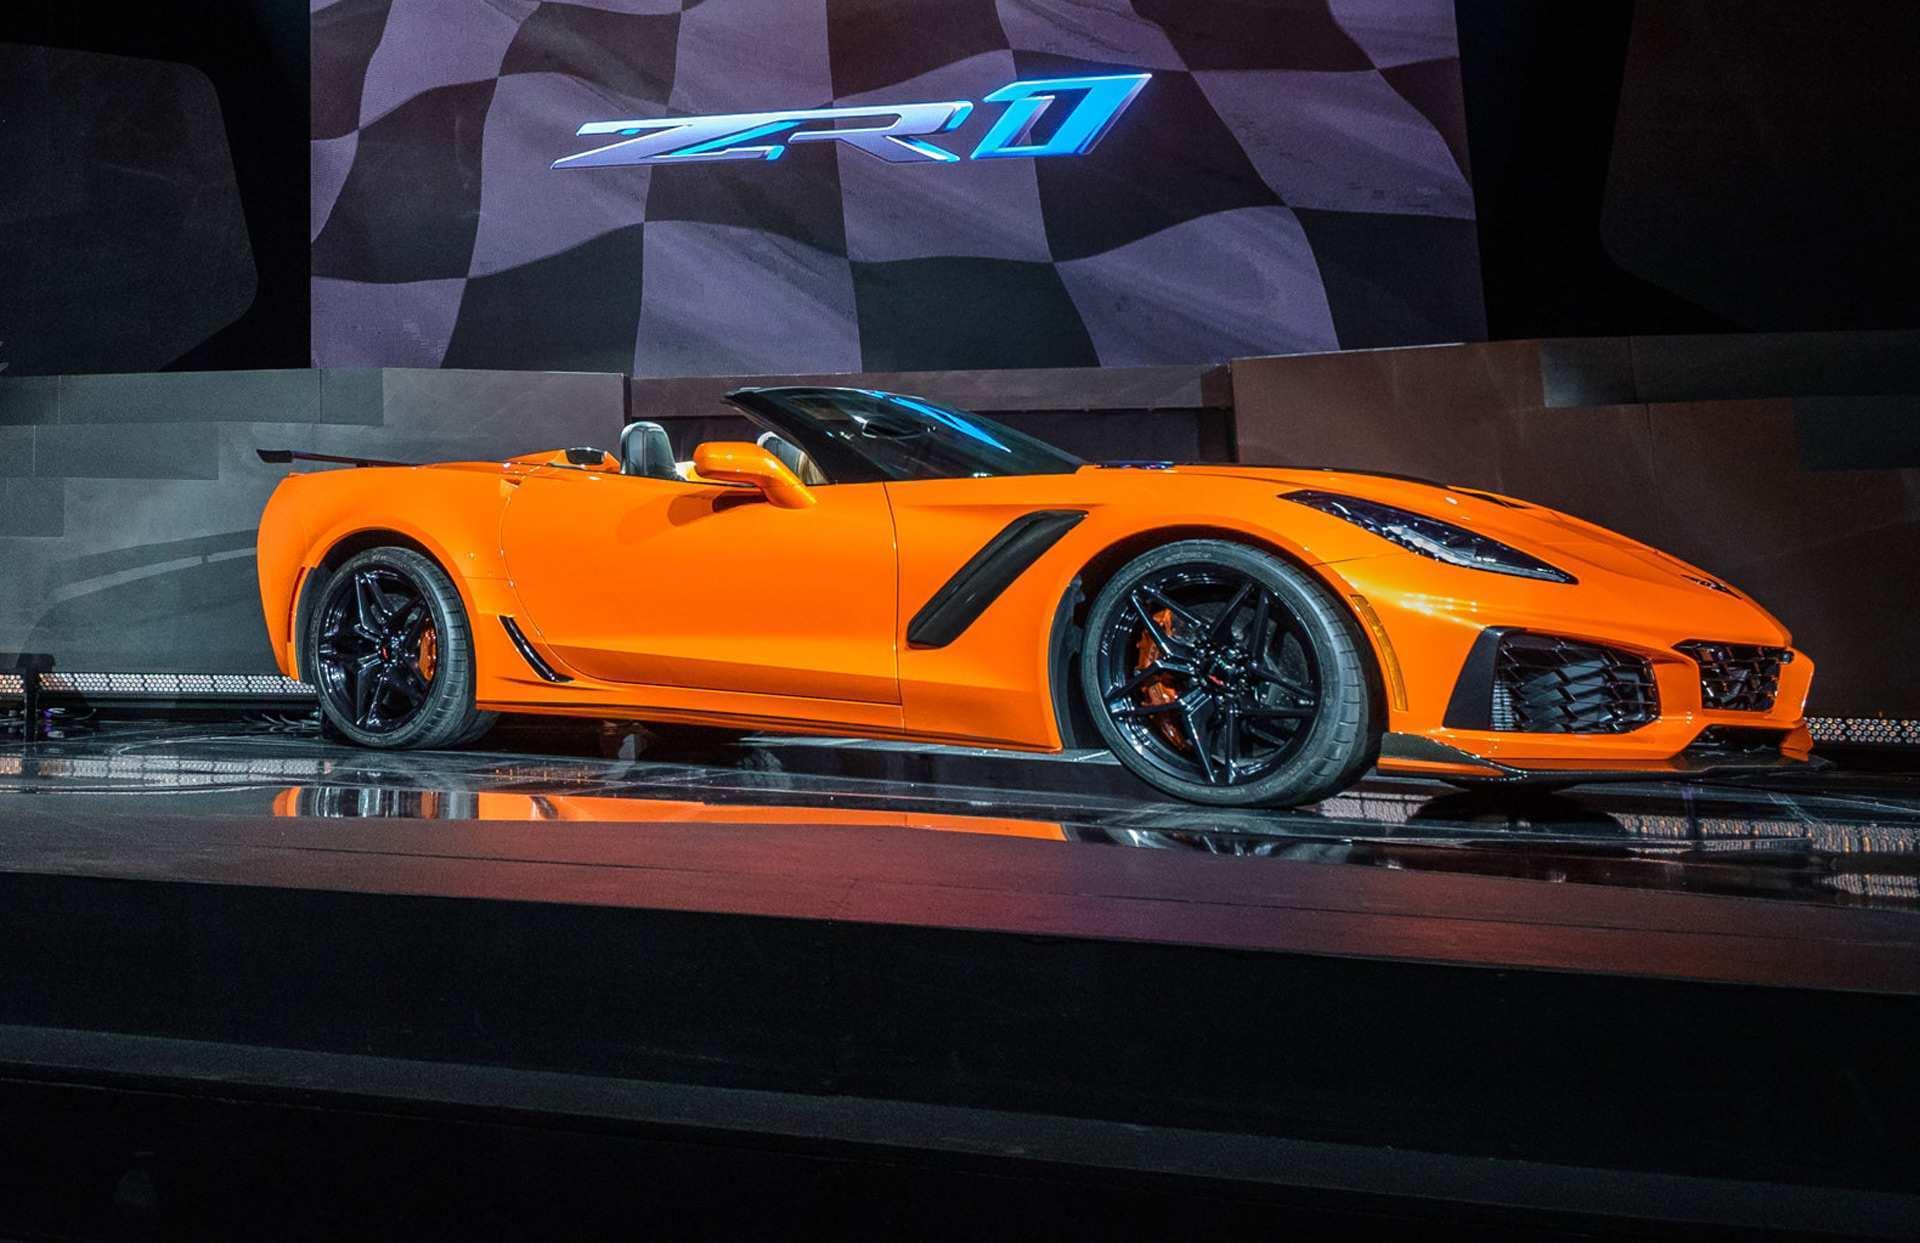 50 Great New Chevrolet Corvette Zr1 2019 Spy Shoot Reviews by New Chevrolet Corvette Zr1 2019 Spy Shoot